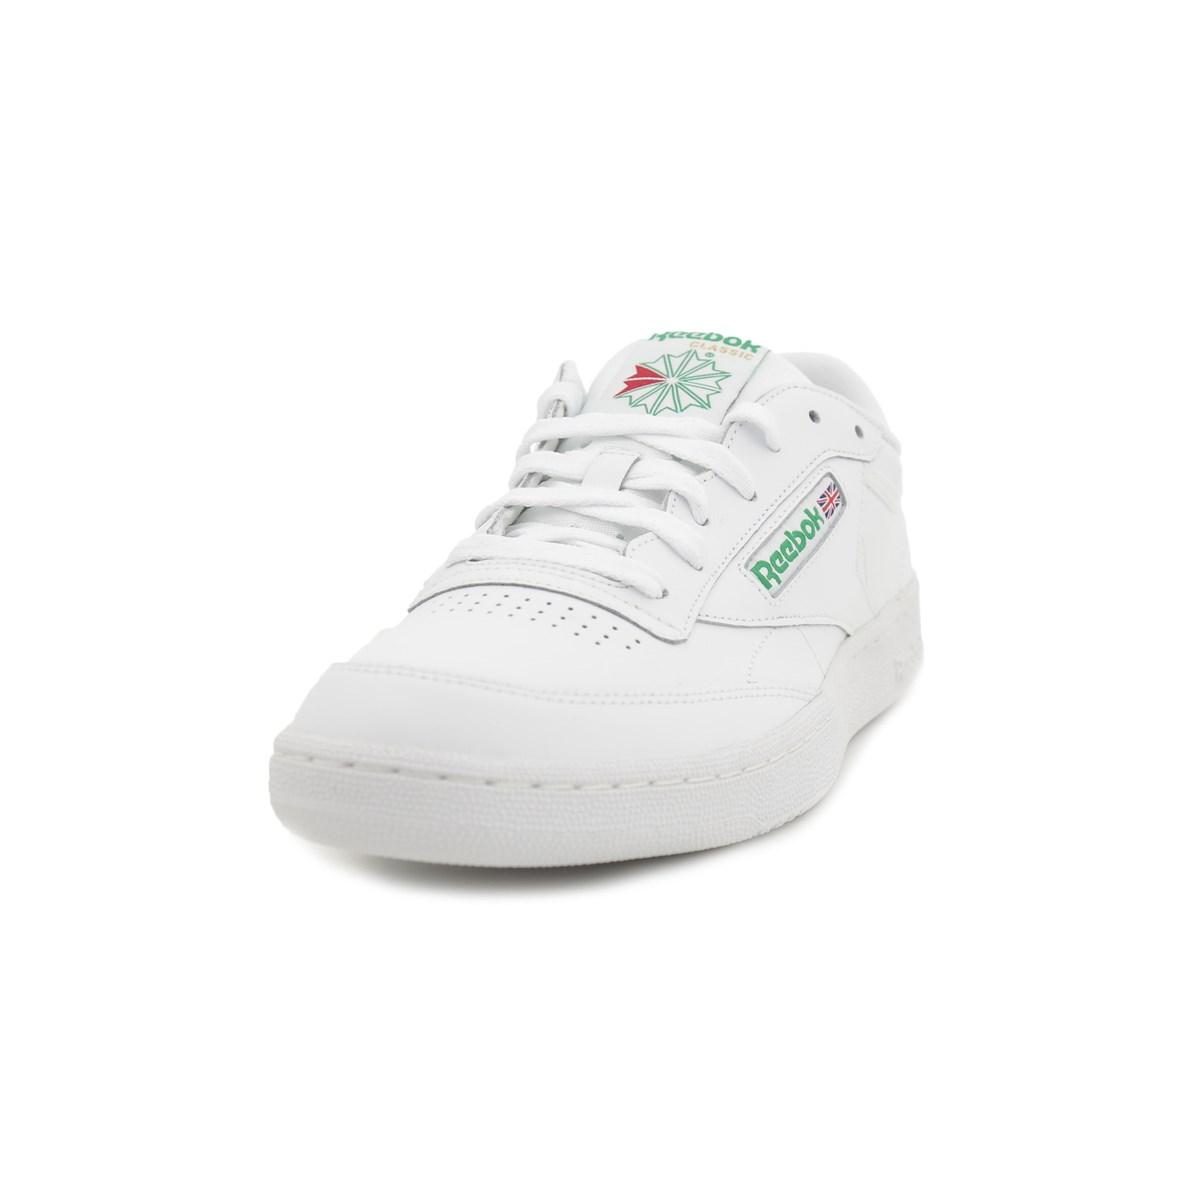 Club C 85 Erkek Beyaz Spor Ayakkabı (AR0456)